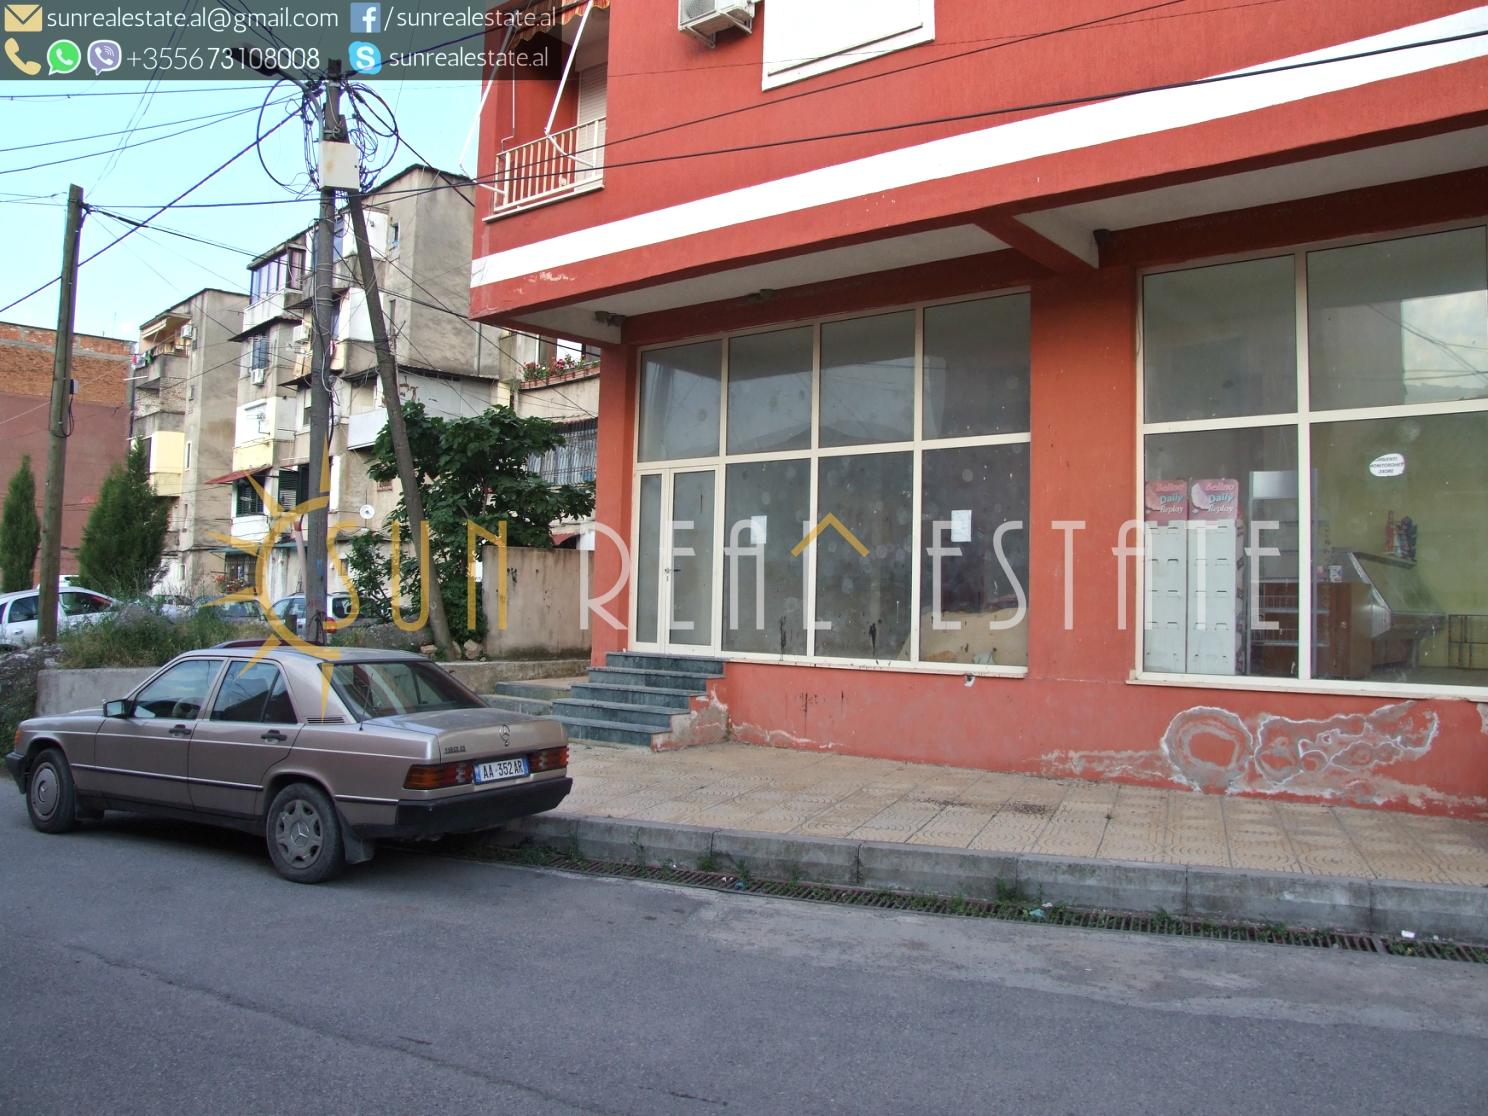 Dyqan në shitje në Perash 1000 €/m²